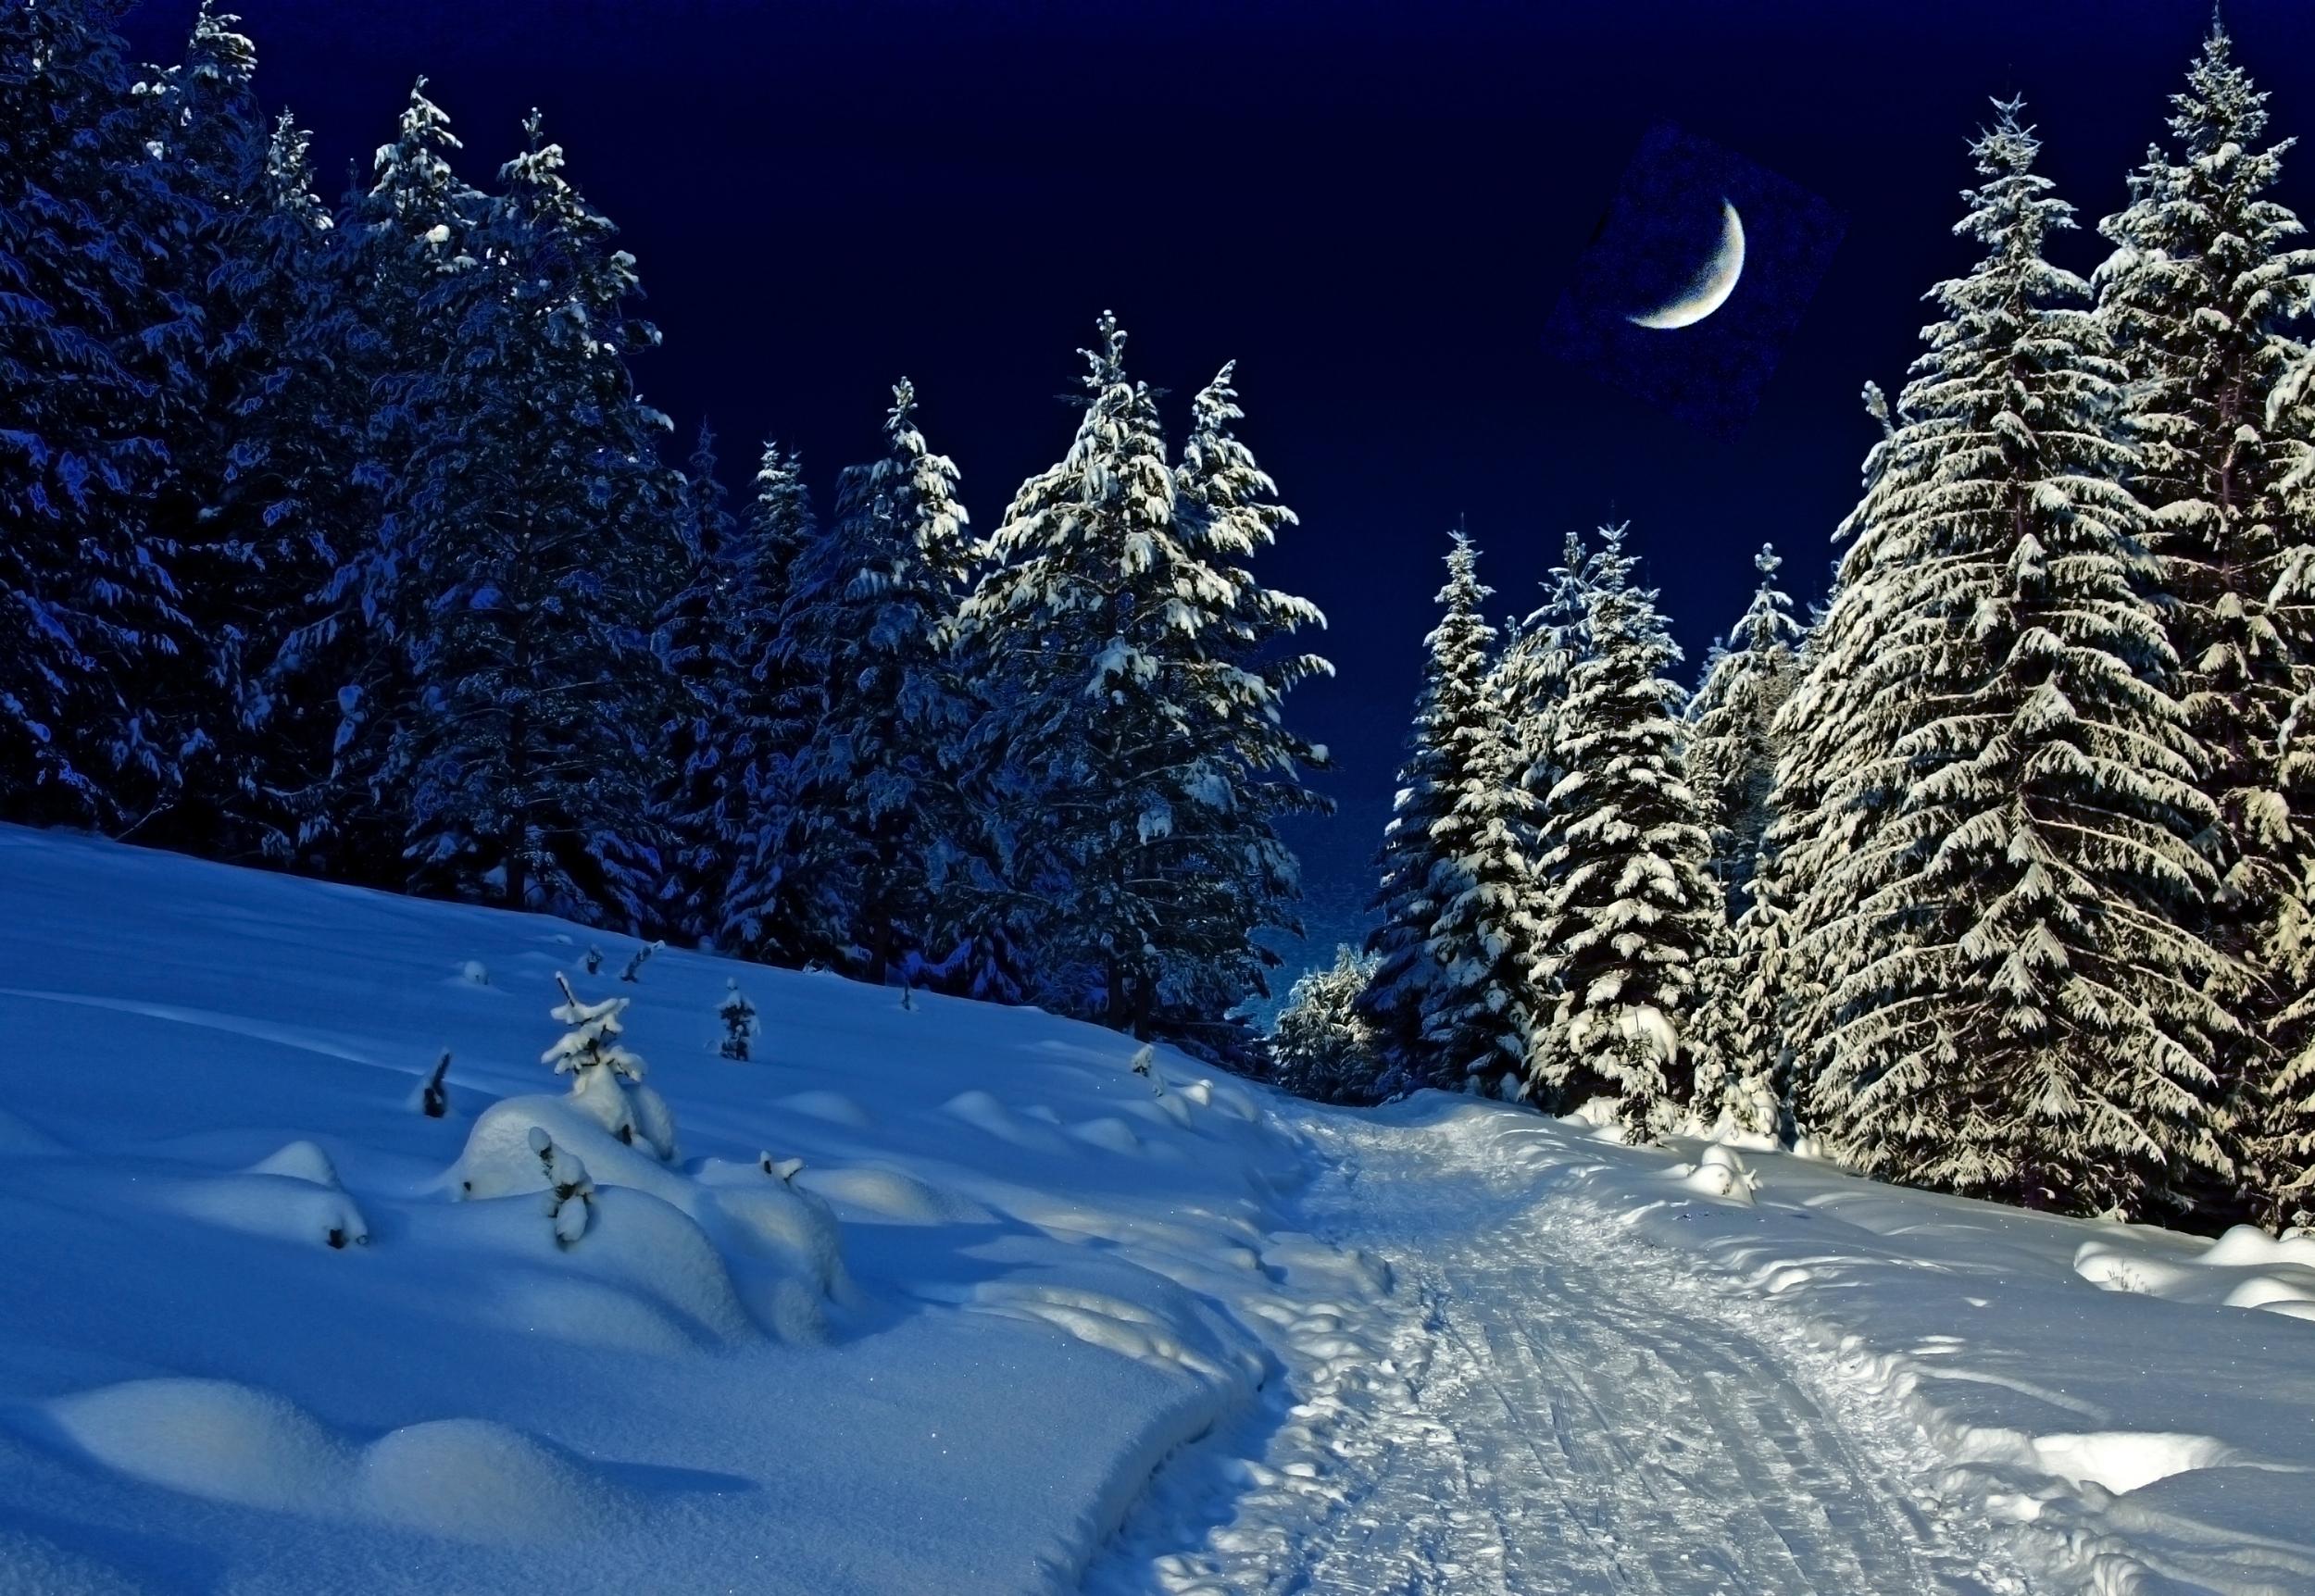 Картинка зимняя ночь в лесу